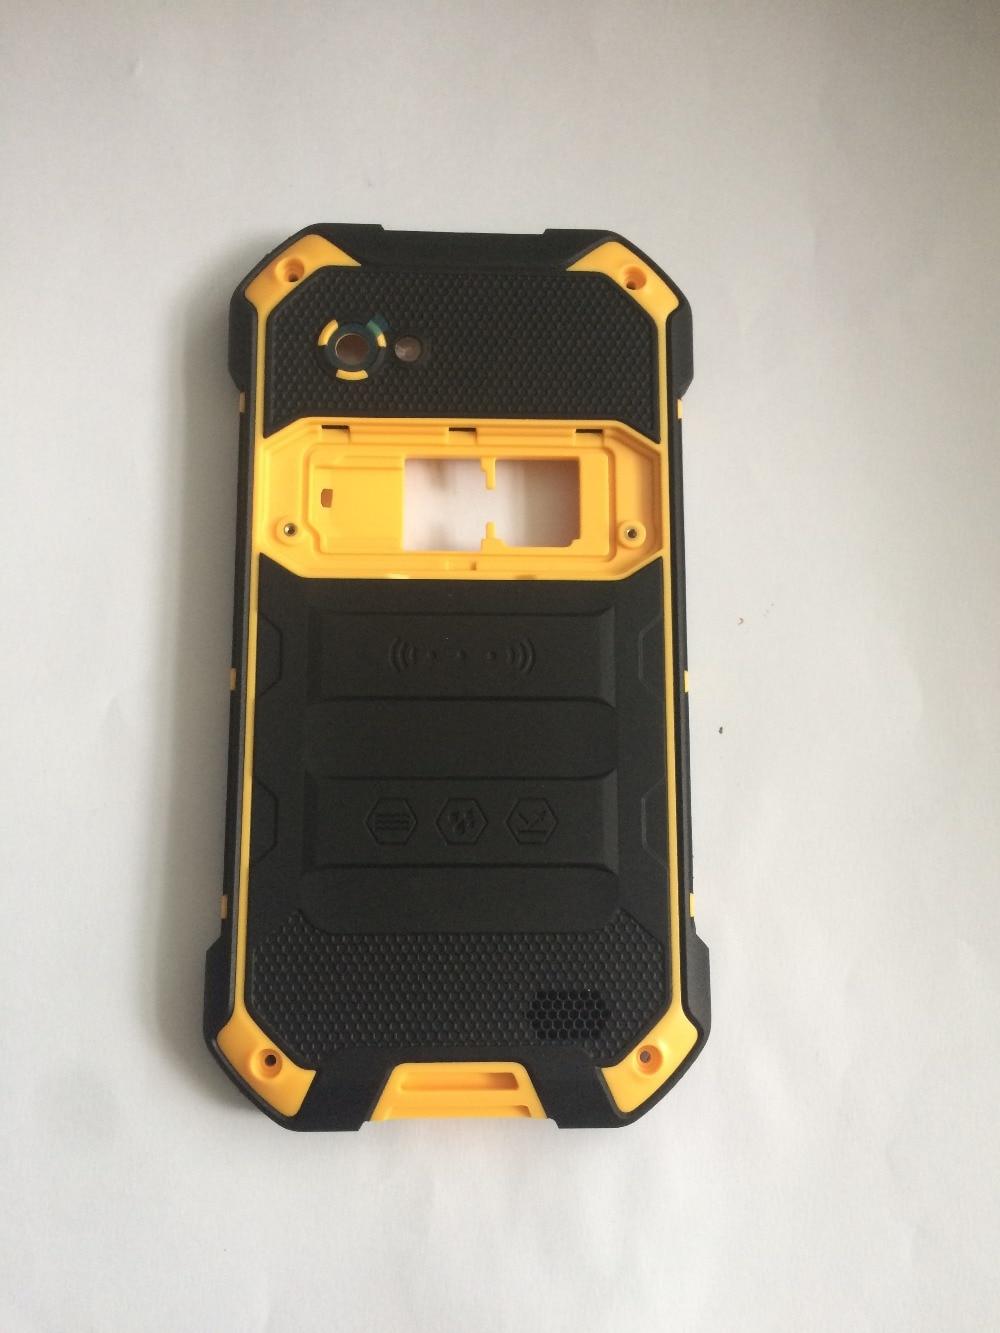 New Blackview BV6000 Battery Cover Back Shell+Loud Speaker For Blackview BV6000S Phone Smartphone+tracking number-in Mobile Phone Housings & Frames from Cellphones & Telecommunications